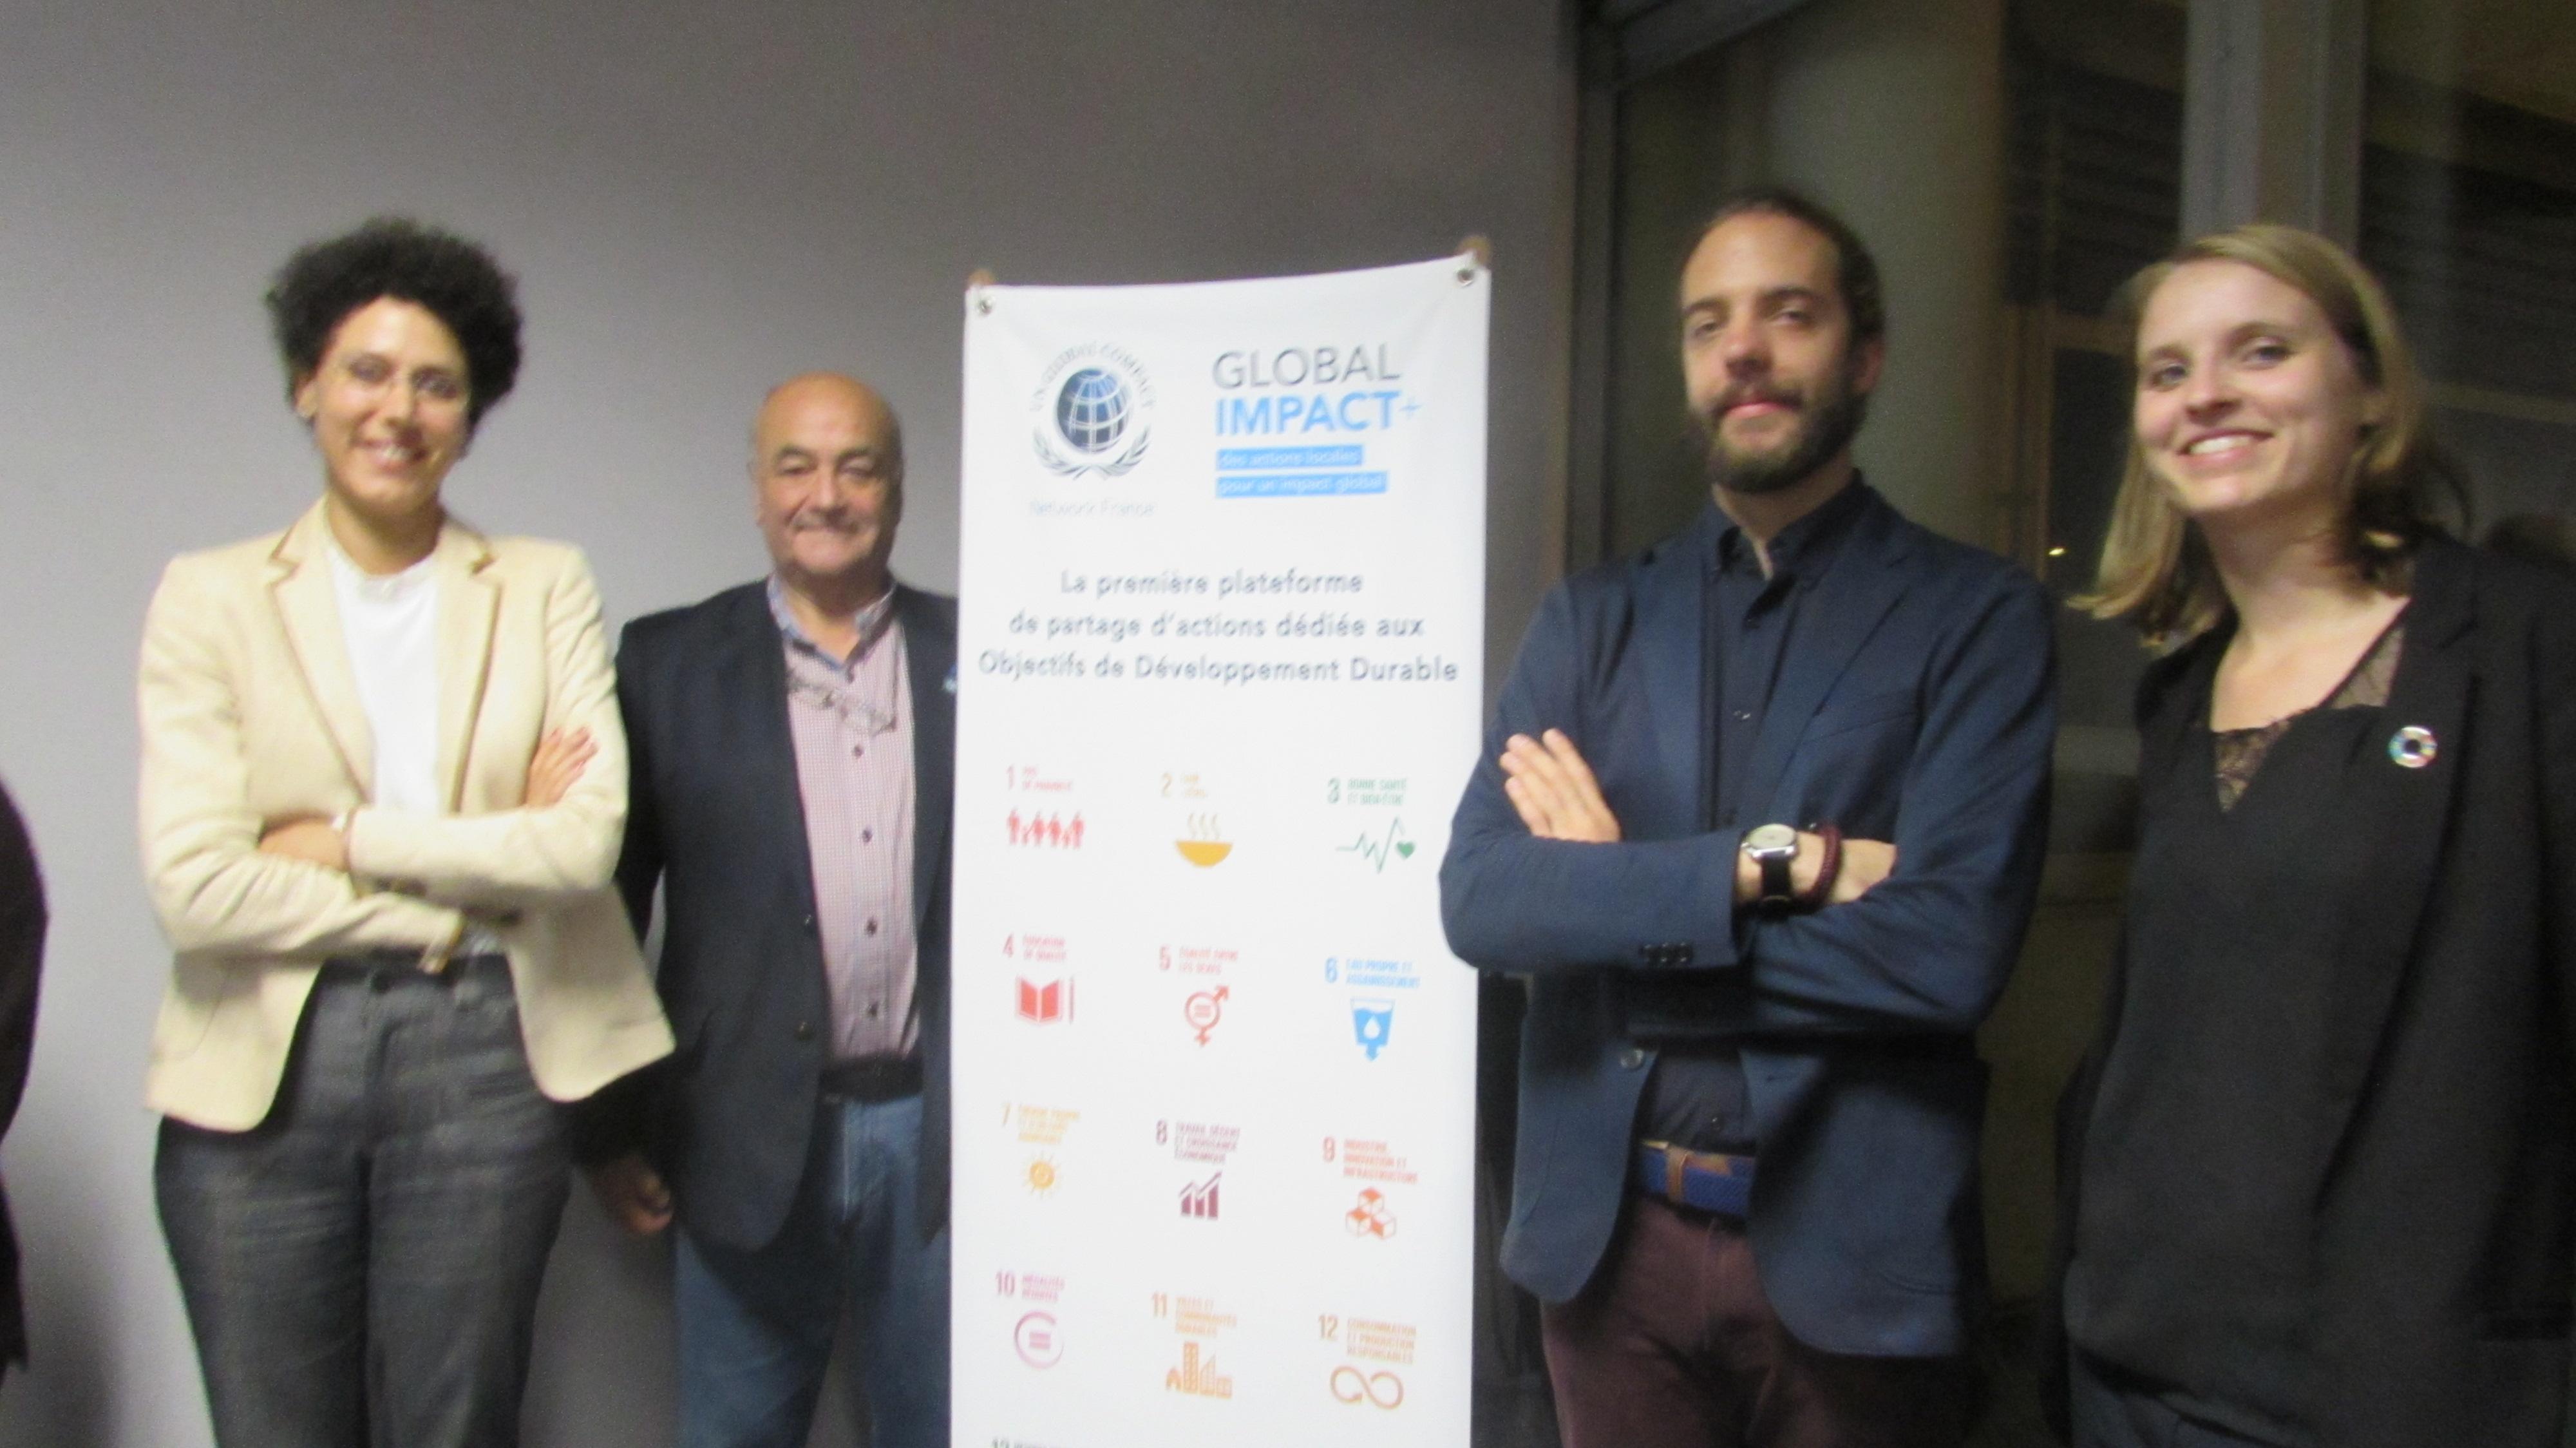 De gauche à droite: Mme Imalhayene, M. Salinas, M. Burel (Chargé de mission RSE&PME), Mme Graffion (Chargée de mission RSE)